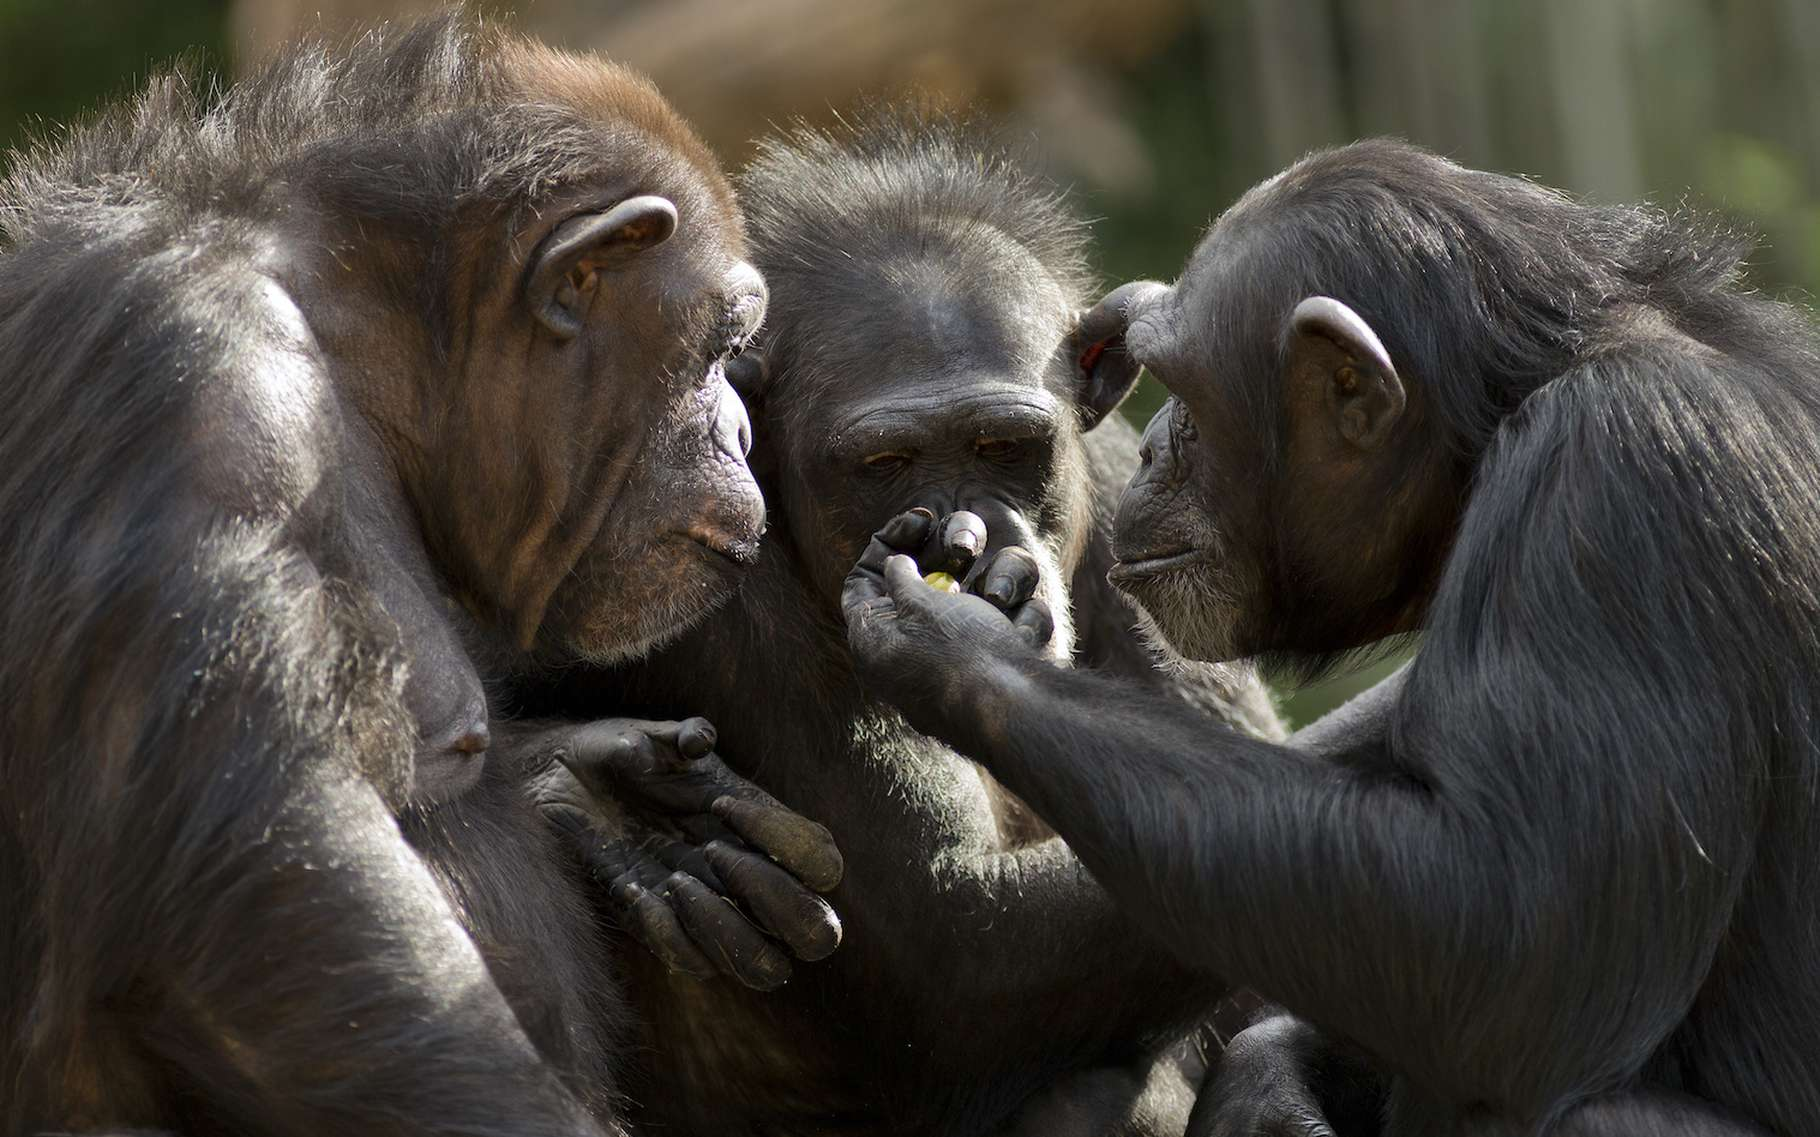 Au parc national de Loango (Congo), des chimpanzés ont été observés se réunissant pour tuer des gorilles. Un comportement qui surprend les chercheurs. © Patrick Rolands, Adobe Stock